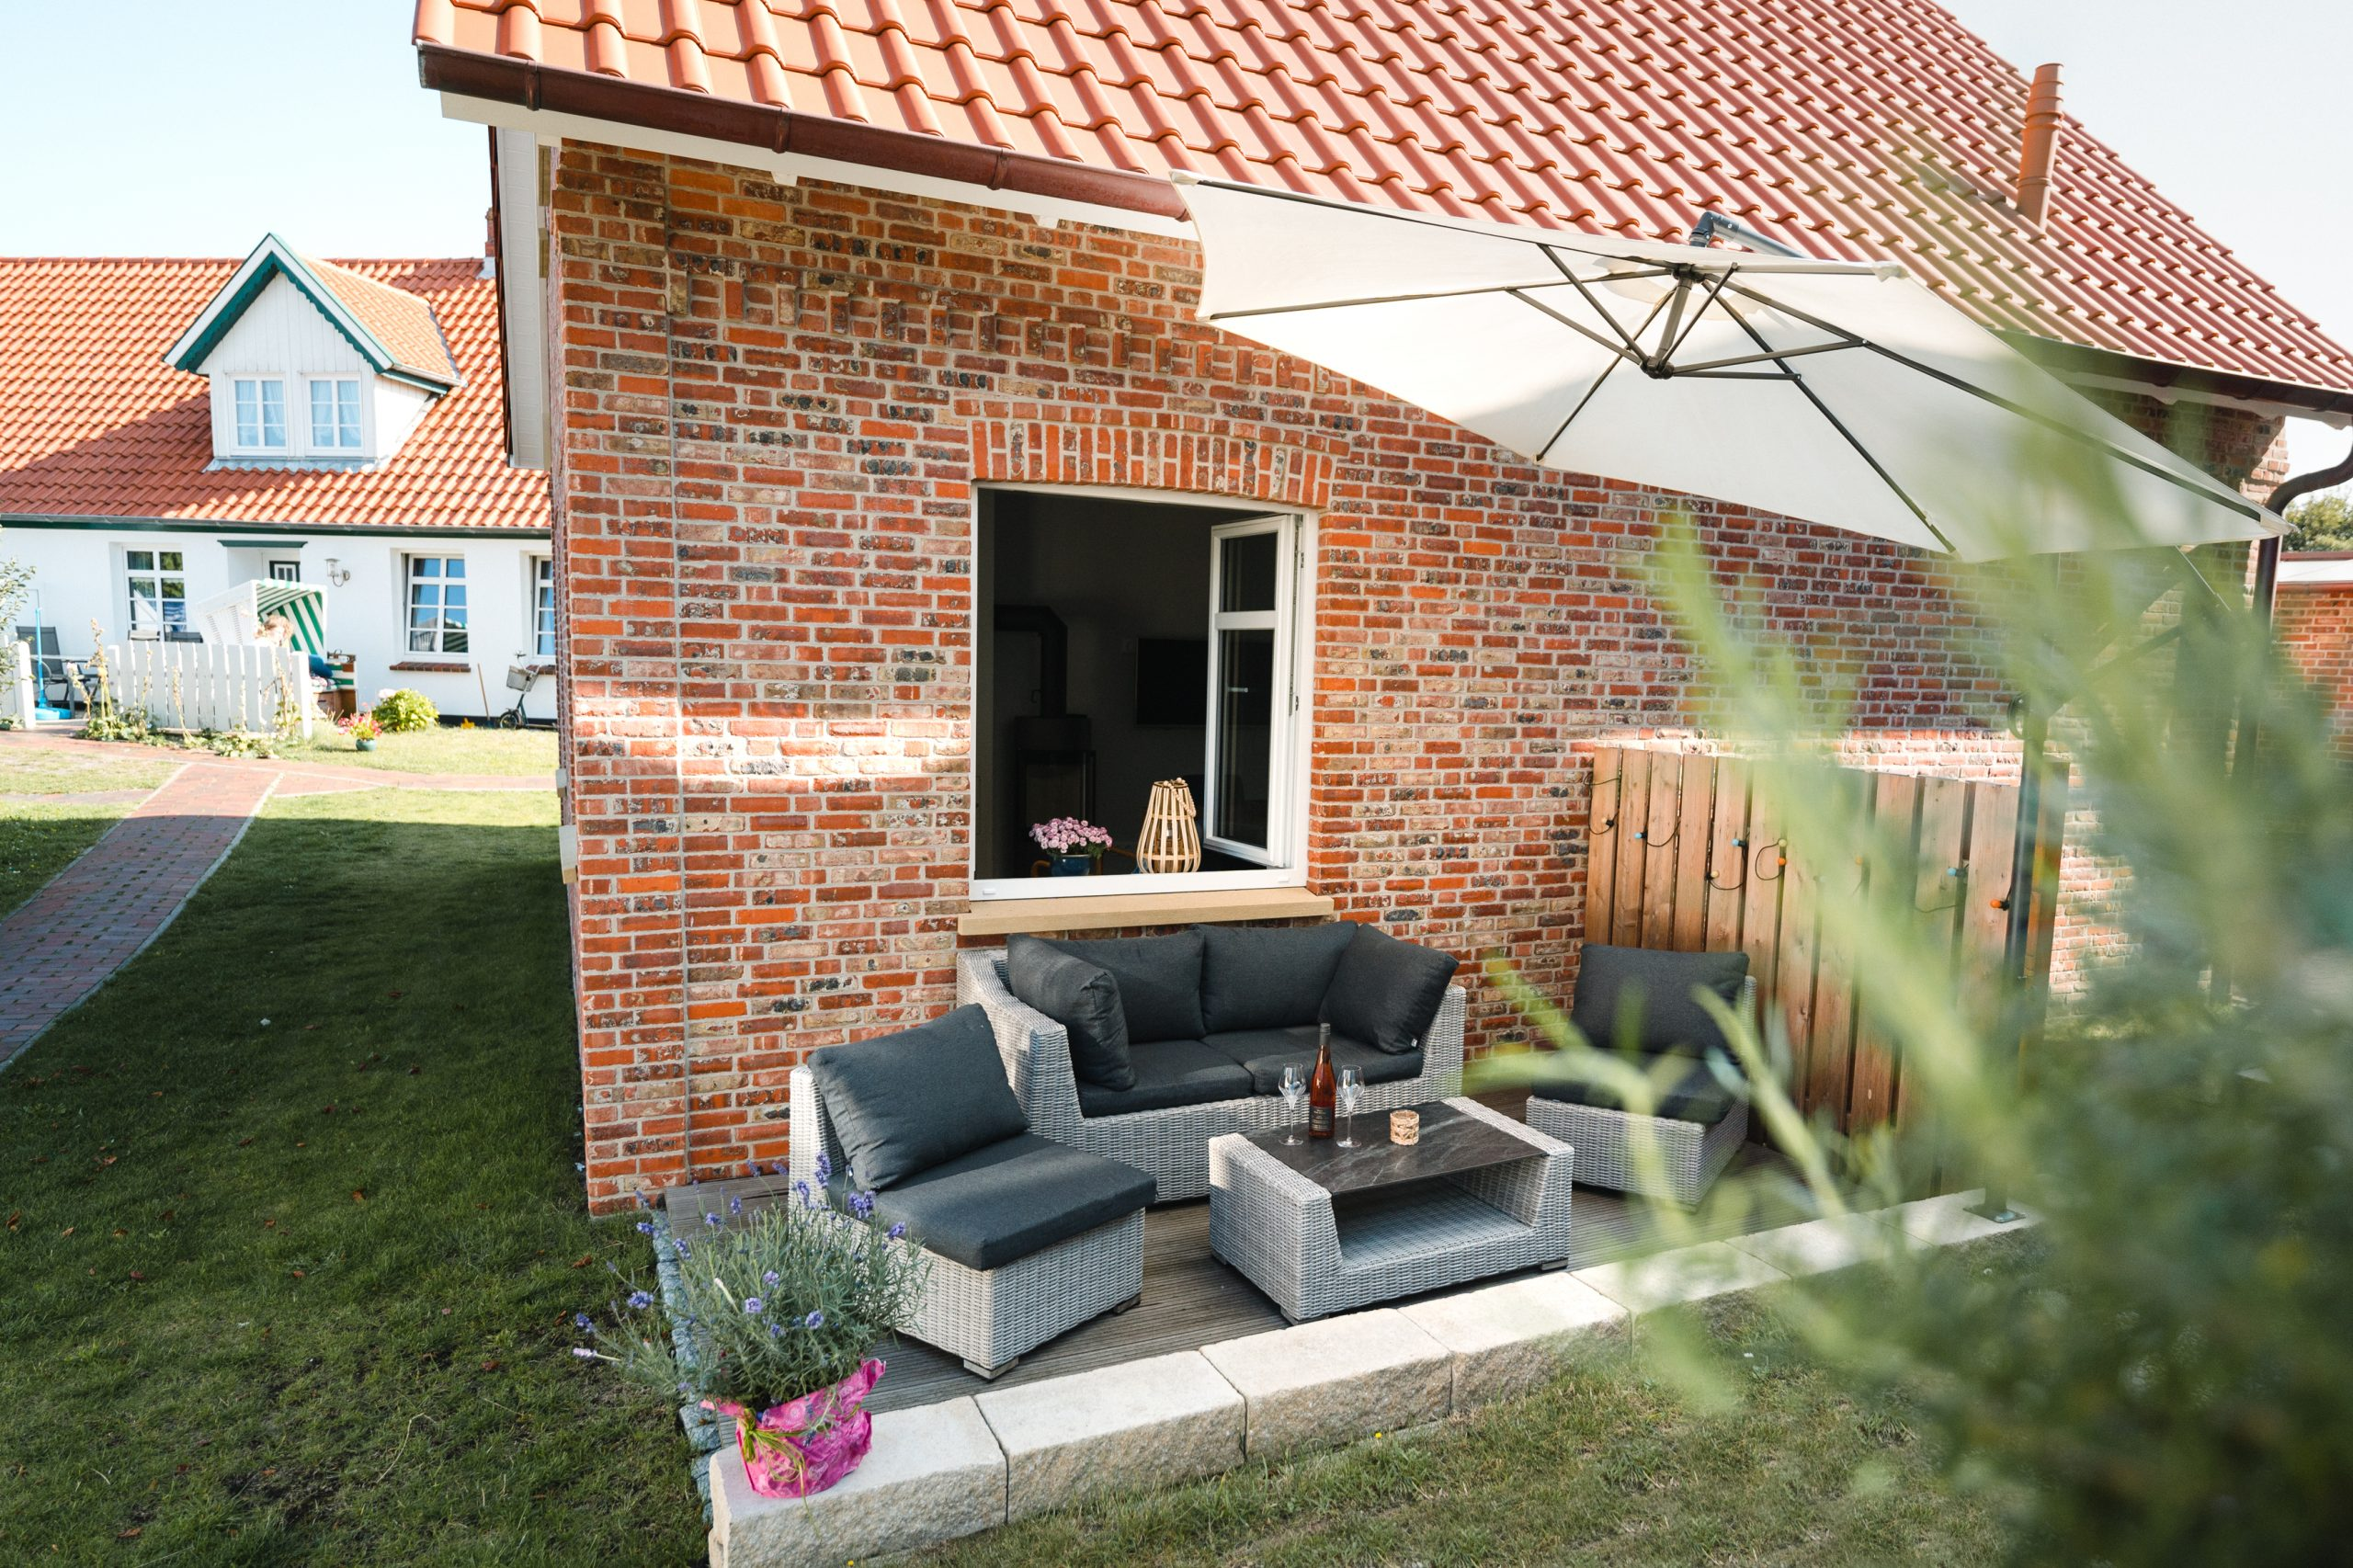 Ferienhaus Sjuts_Sonnenterrasse